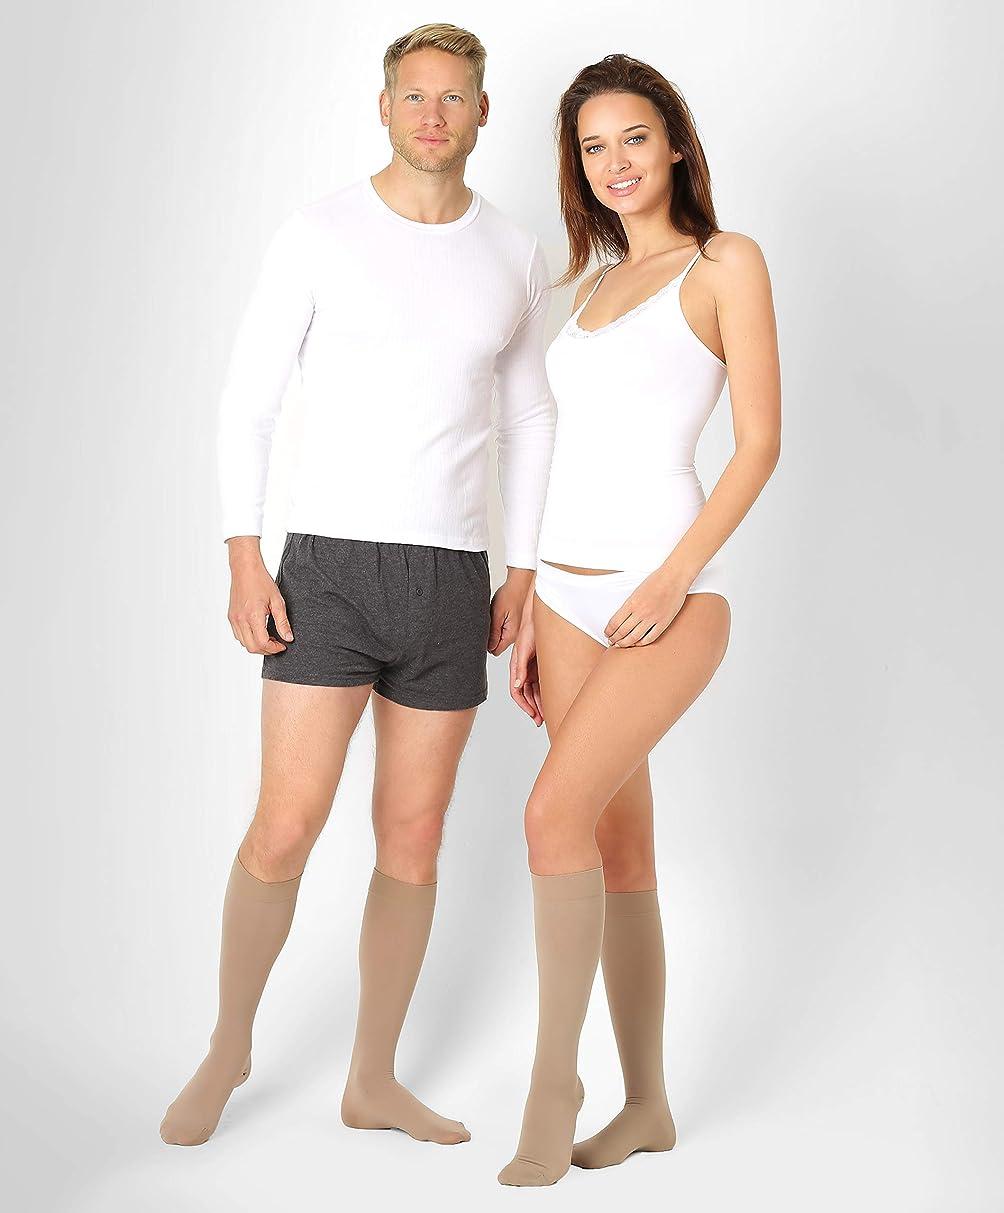 レイプ合意困惑するBeFit24 医療用着圧ソックス (10-18mmHg) 男性 と 女性用 ー あらゆるライフスタイルのニーズに対応 ヨーロッパ製 Small Beige 2rost